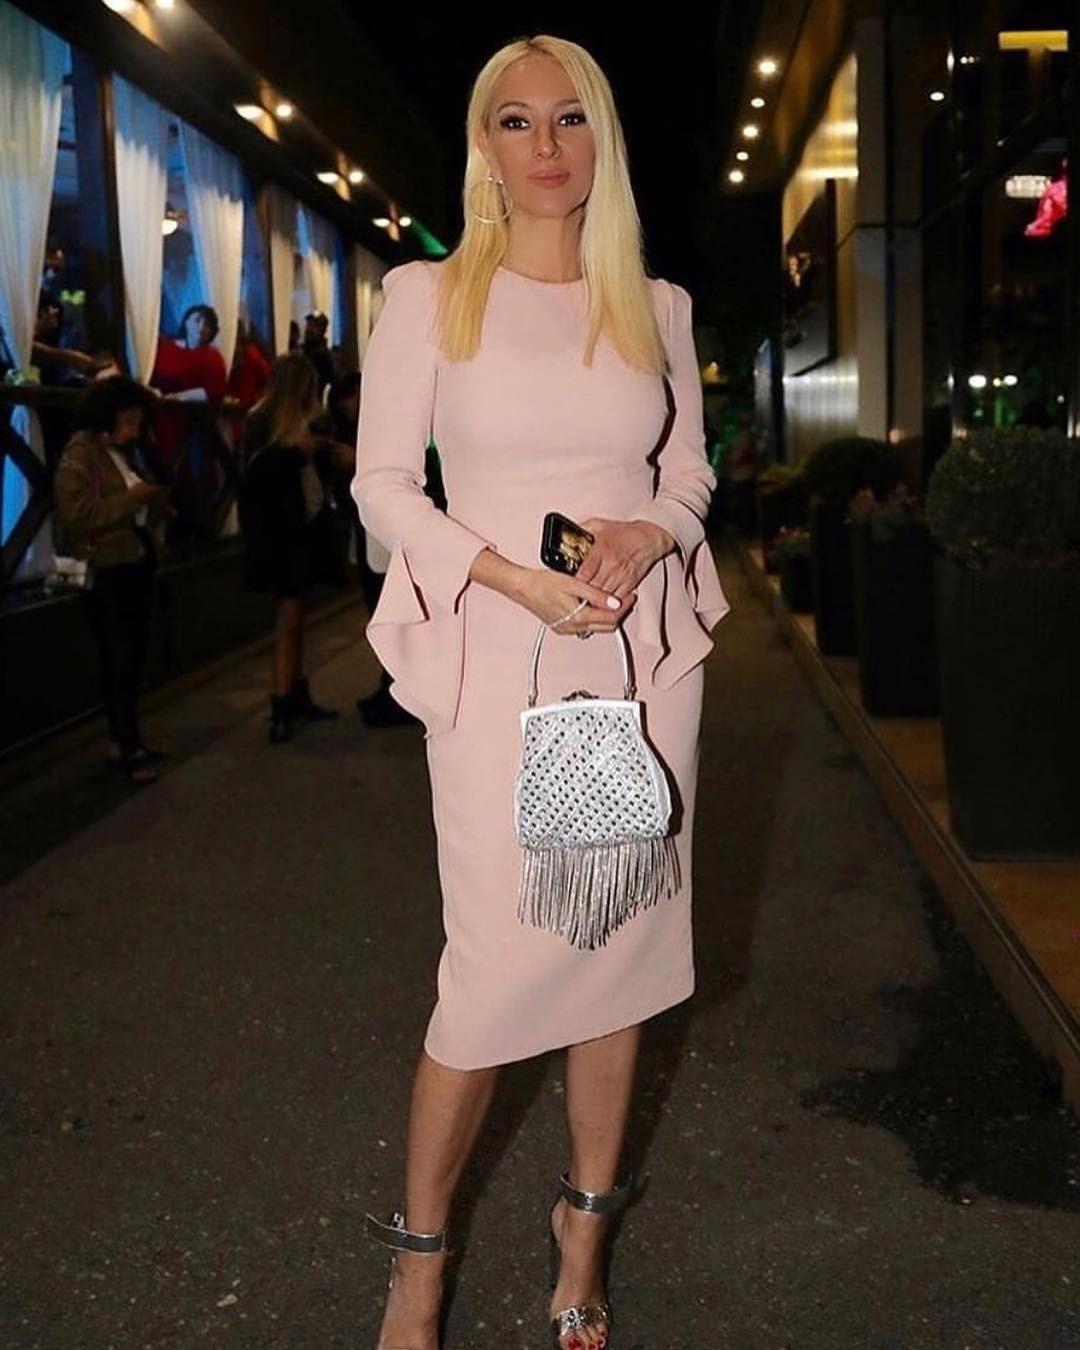 На днях Кудрявцева вновь опубликовала снимок, накотором запечатлена воблегающем платье, подогрев тем самым разговоры. Вкадре знаменитая блондинка выглядит совсем как юная девушка. «Пре...